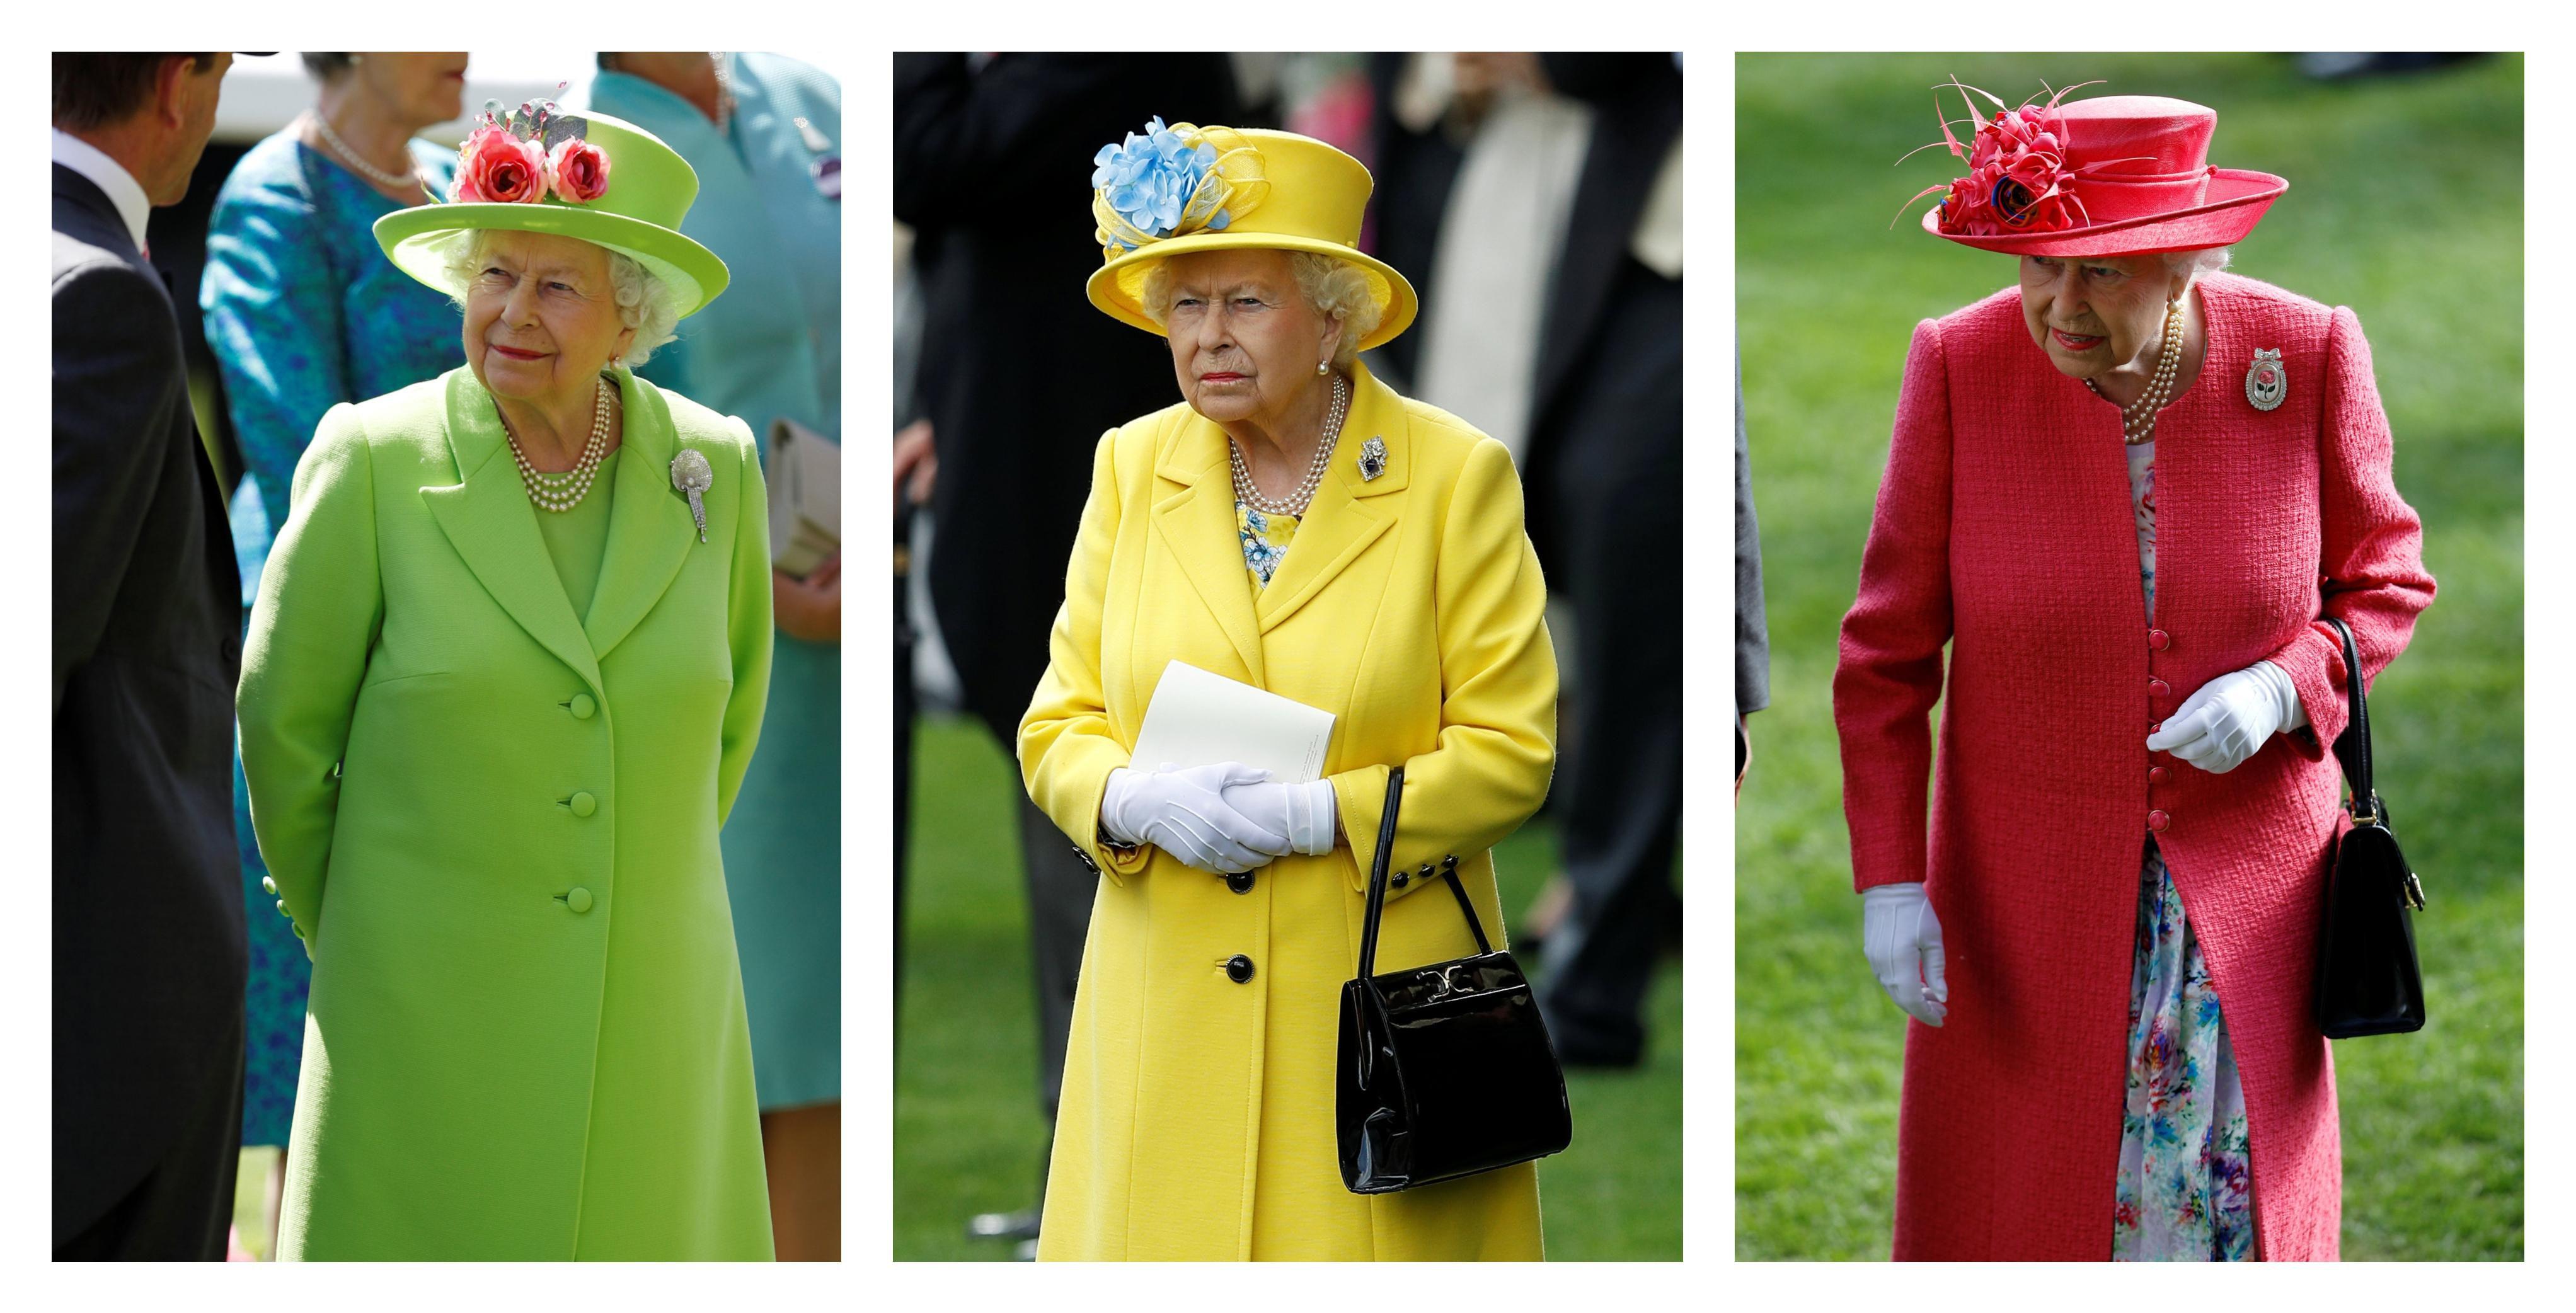 Ovo je razlog zbog kojeg kraljica Elizabeta uvijek nosi jarke boje!